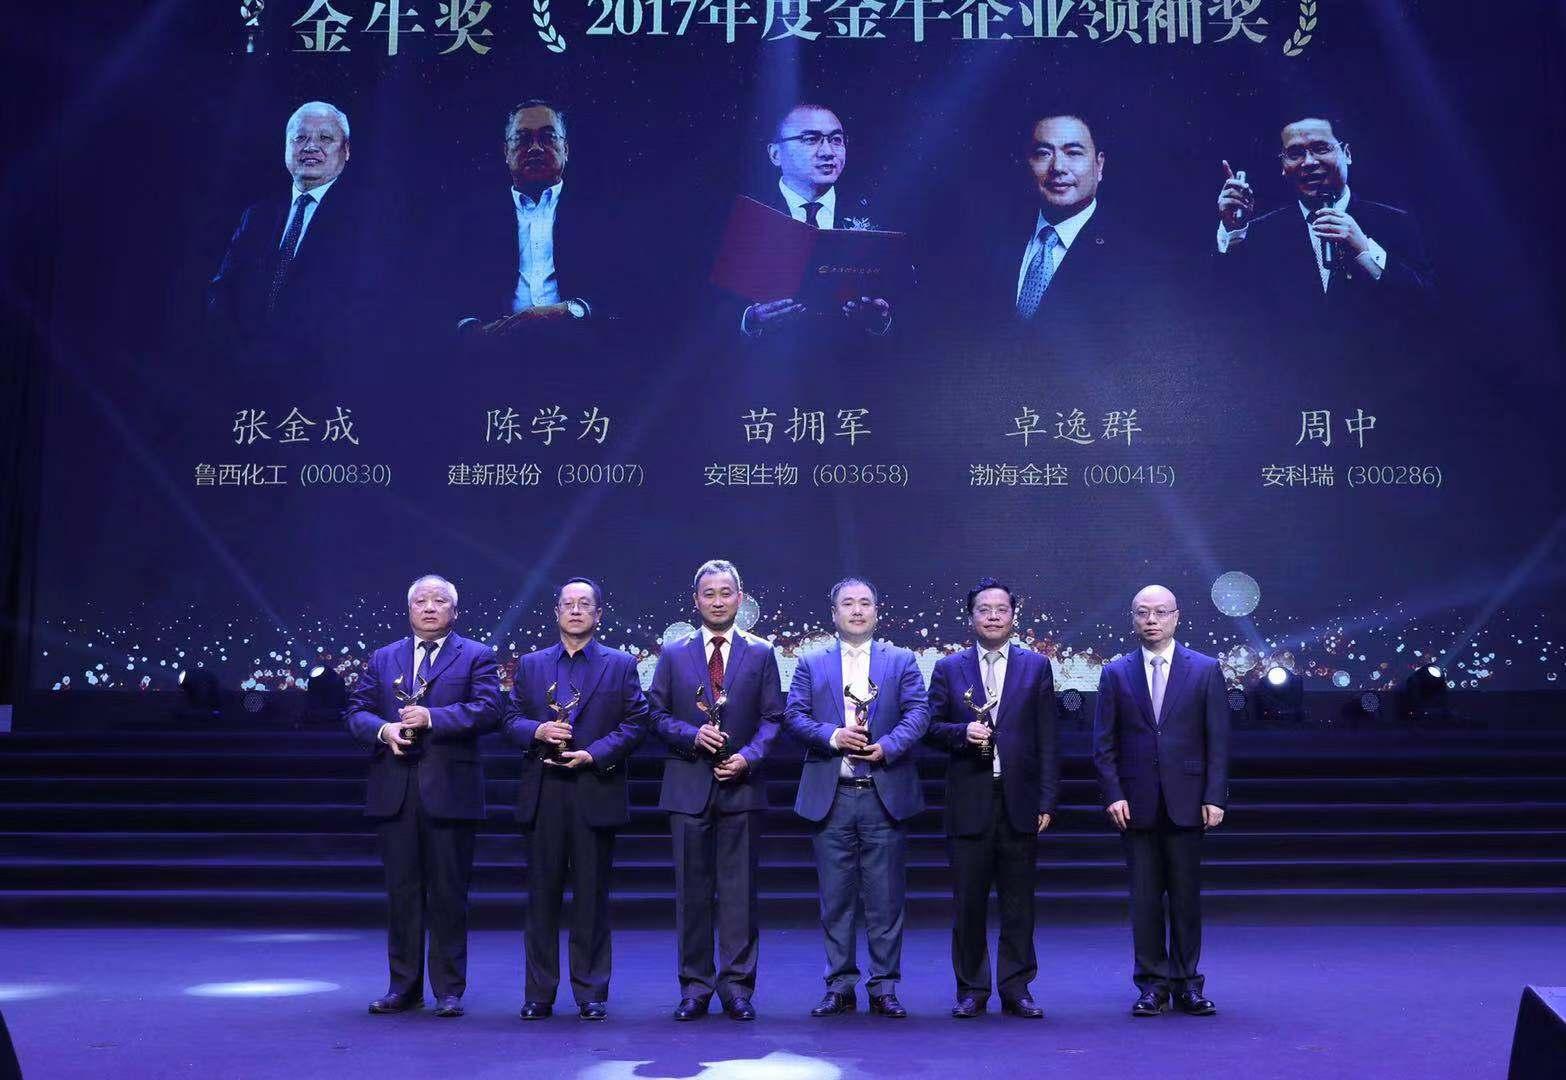 2017年度金牛企业领袖奖(第二组)